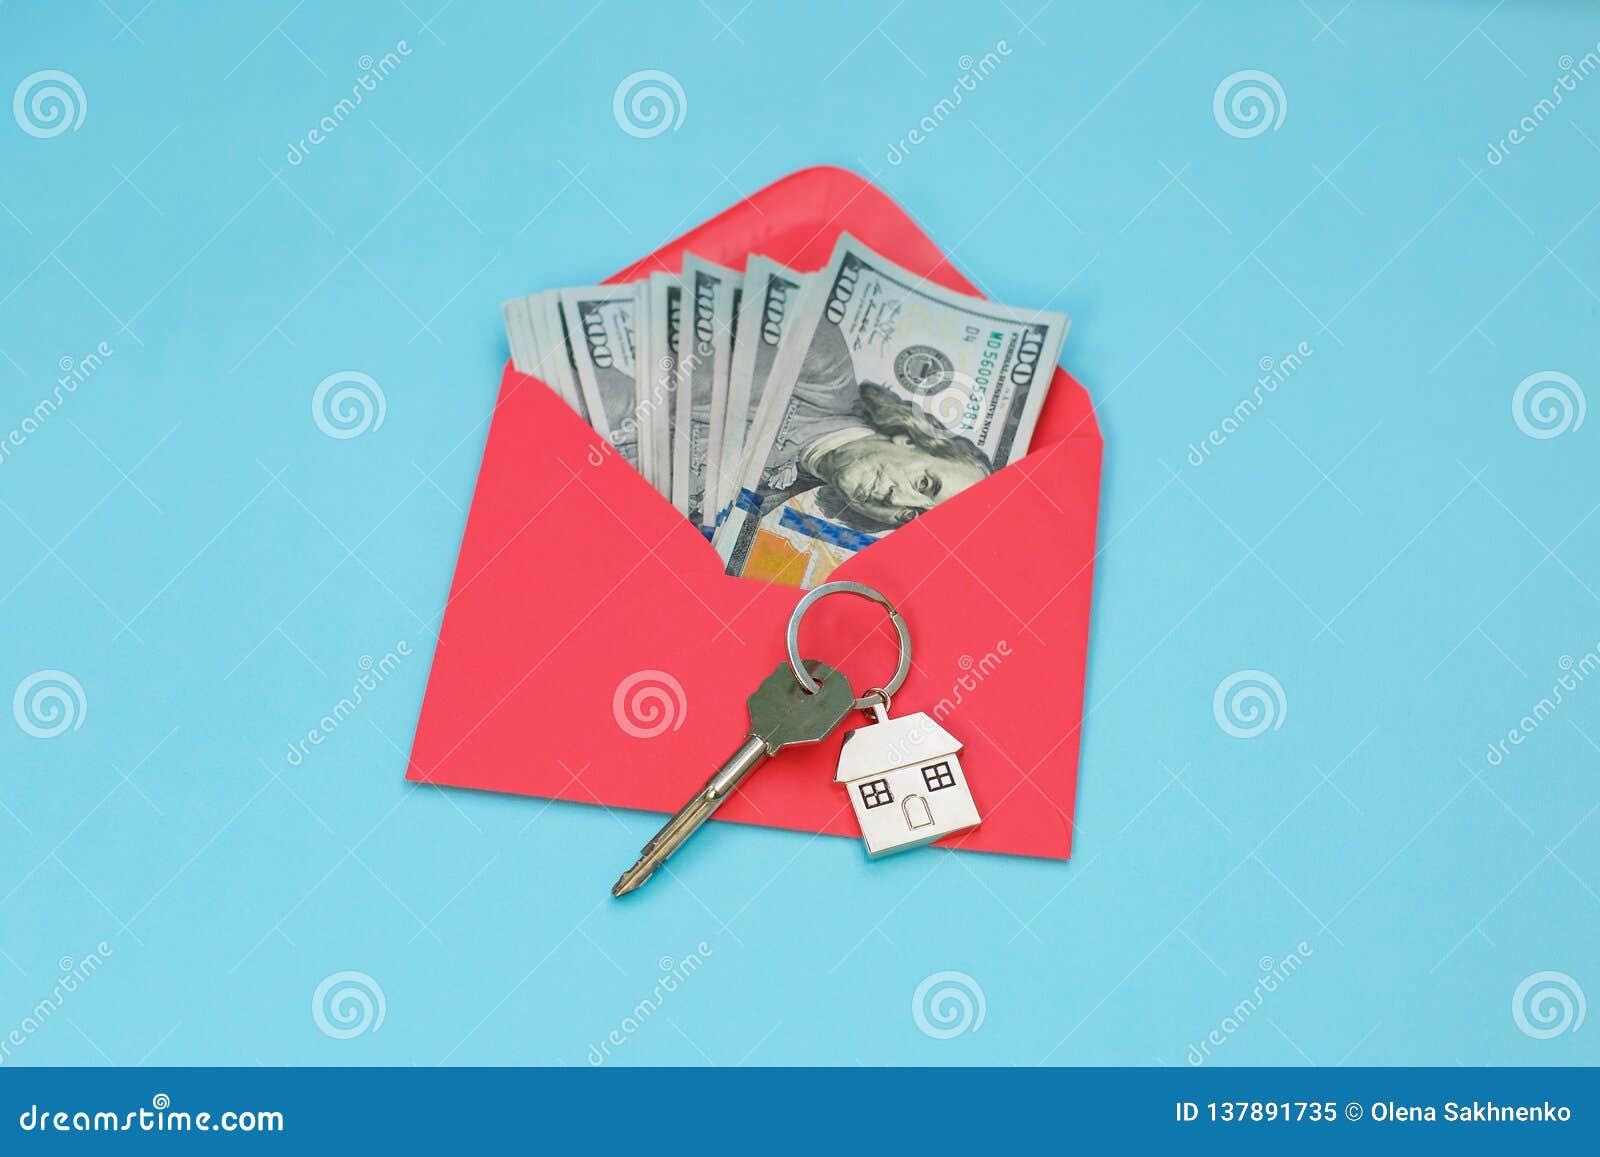 Chaves da casa sobre as cédulas do dólar americano no envelope vermelho